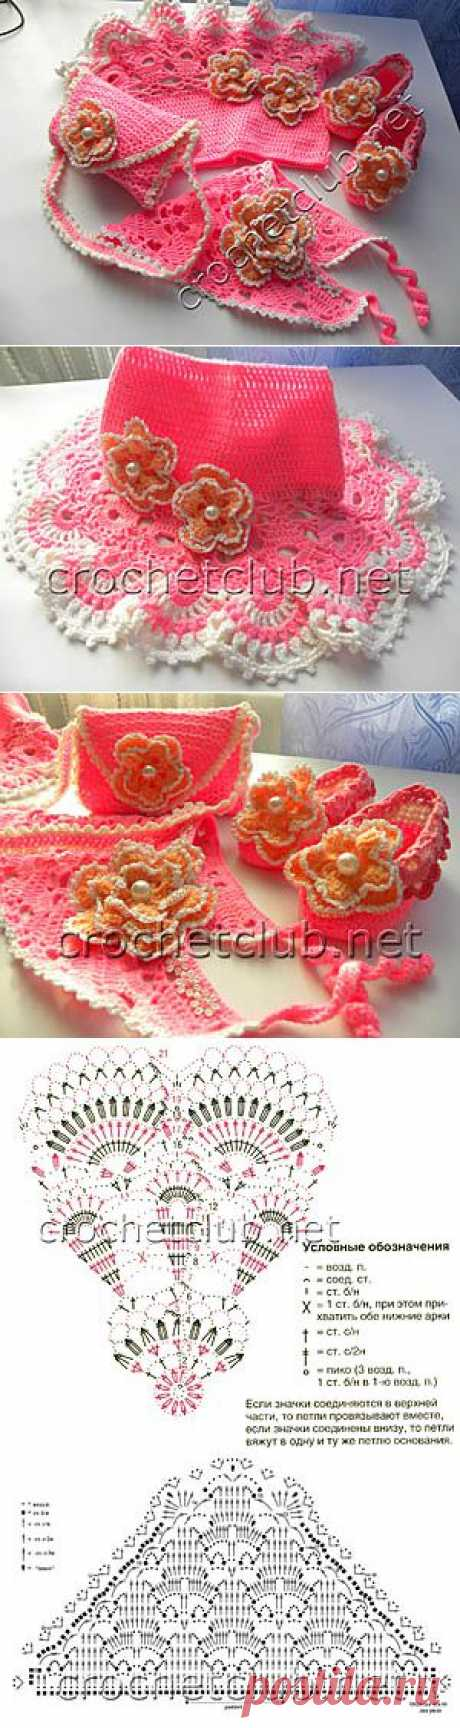 Розовый комплект для малышки - Вязание Крючком. Блог Настика